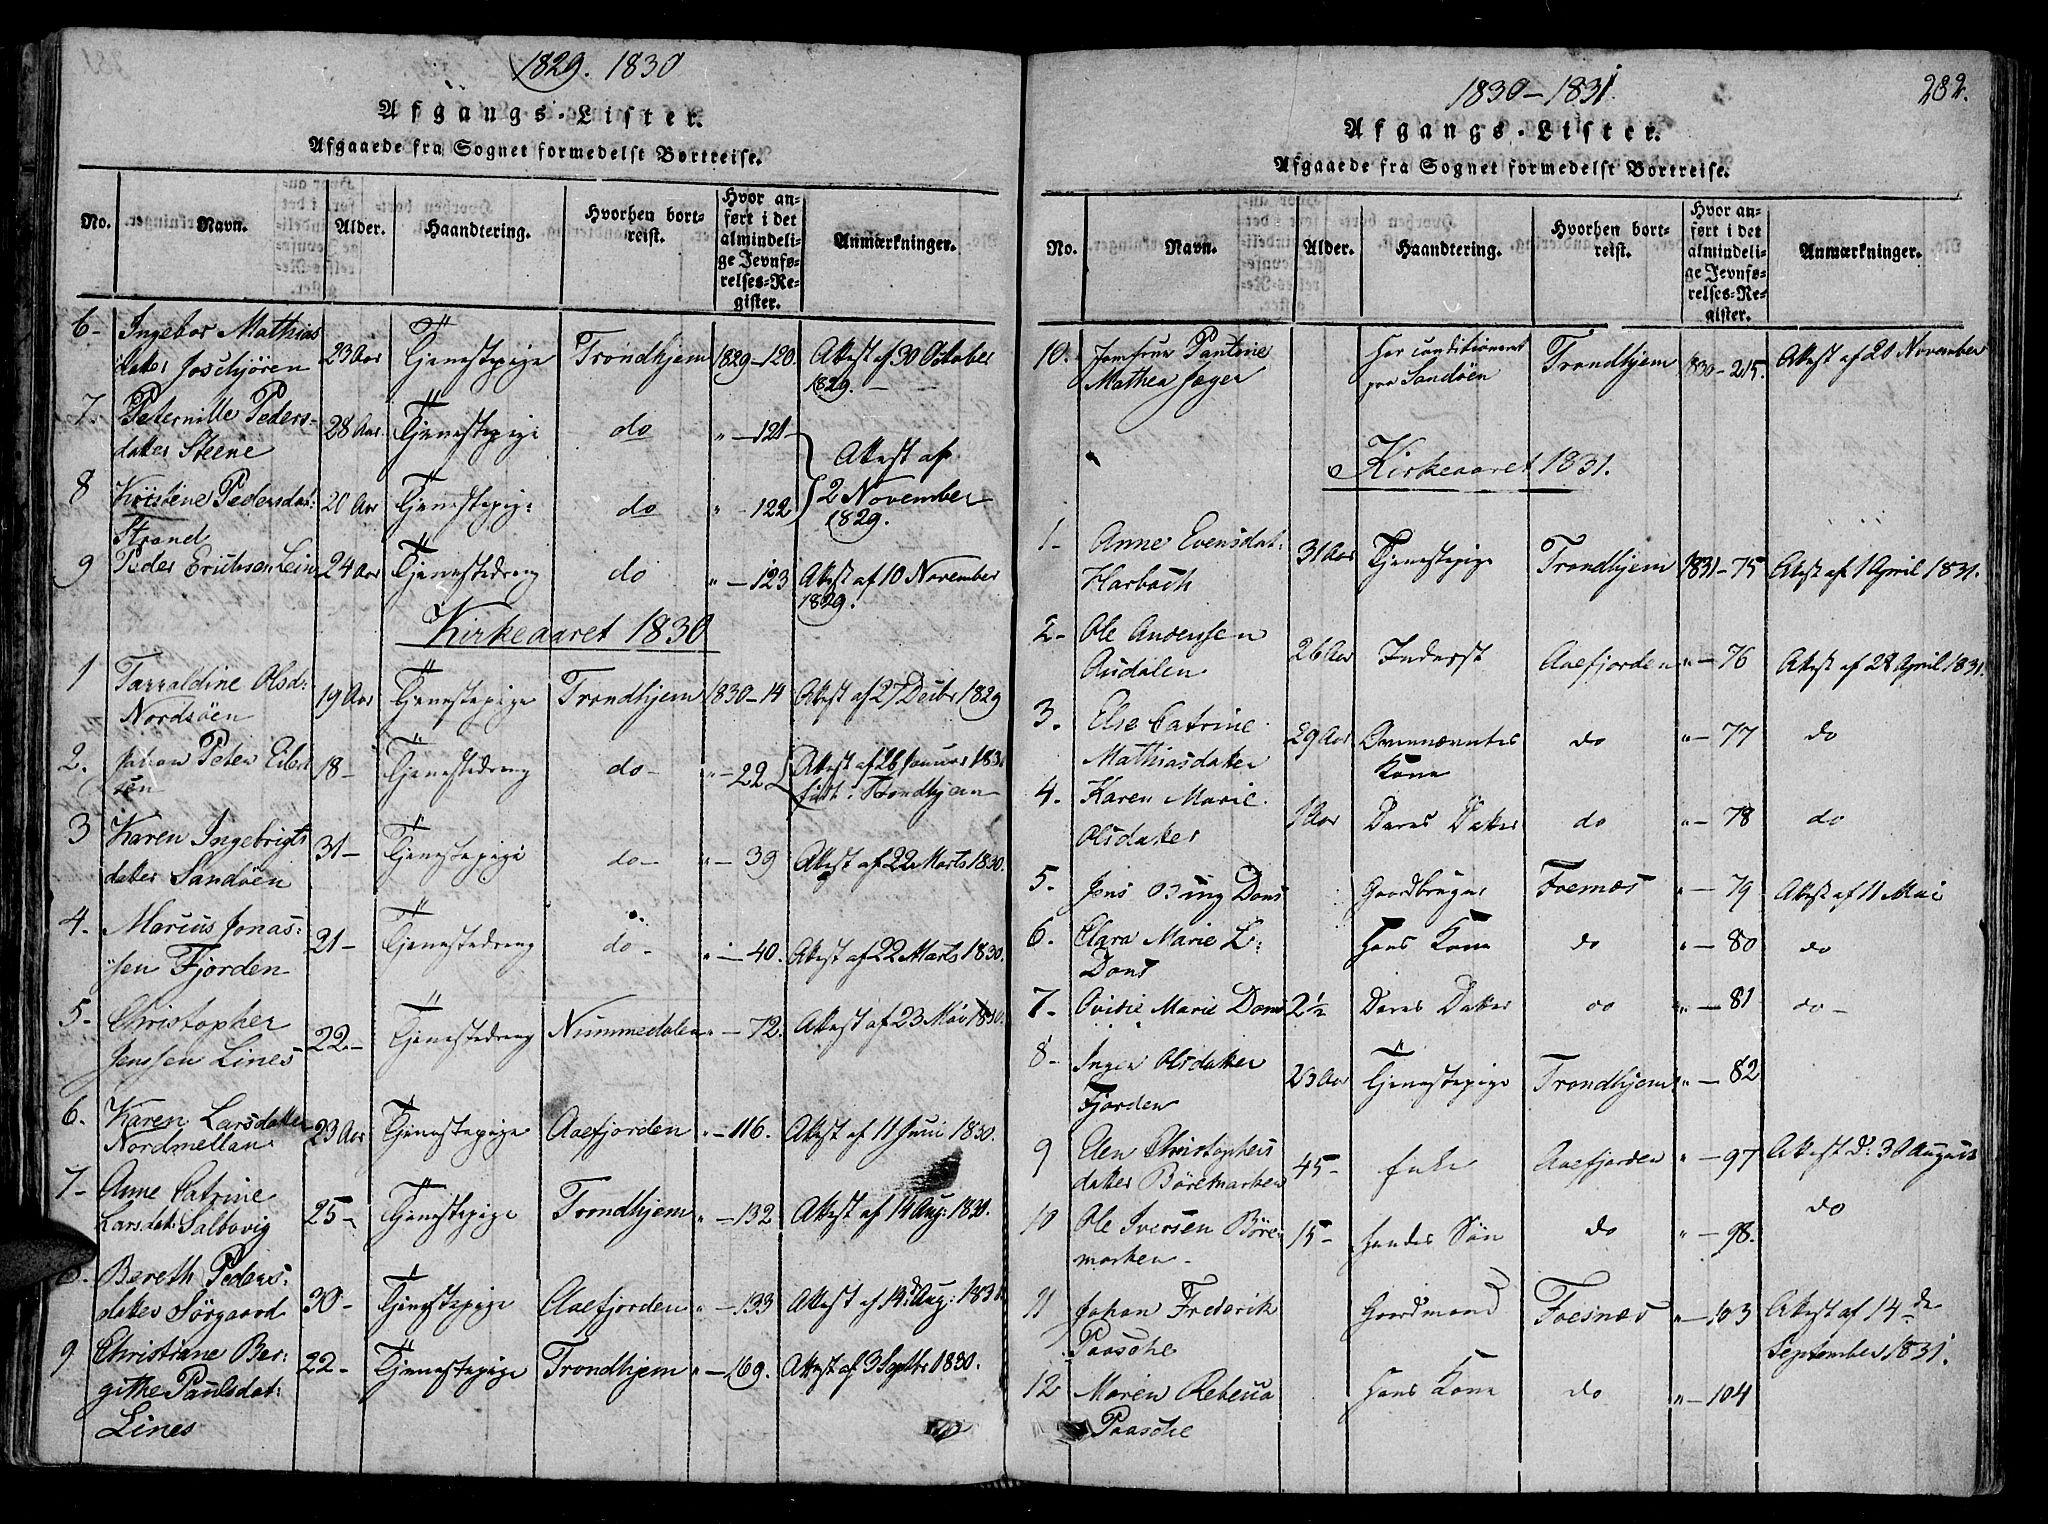 SAT, Ministerialprotokoller, klokkerbøker og fødselsregistre - Sør-Trøndelag, 657/L0702: Ministerialbok nr. 657A03, 1818-1831, s. 282